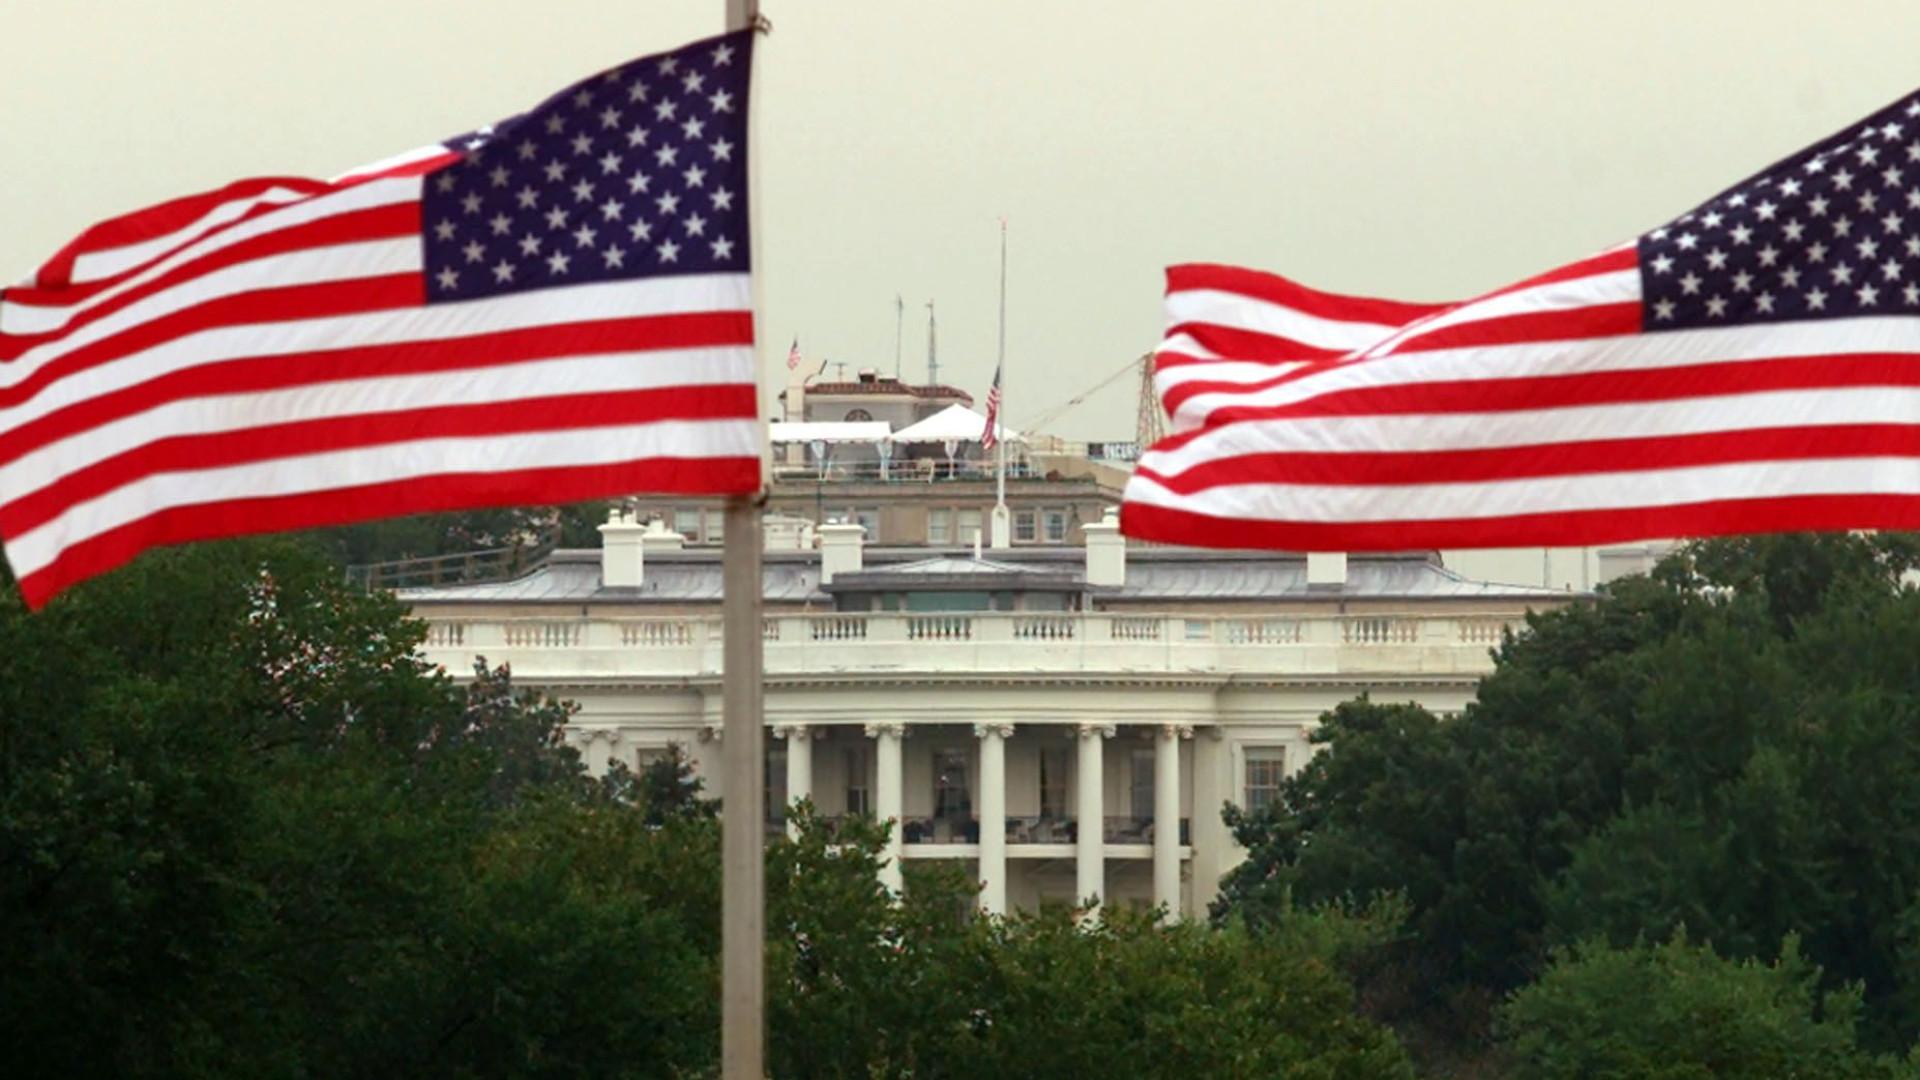 Casa Branca entra em alerta por pacote suspeito